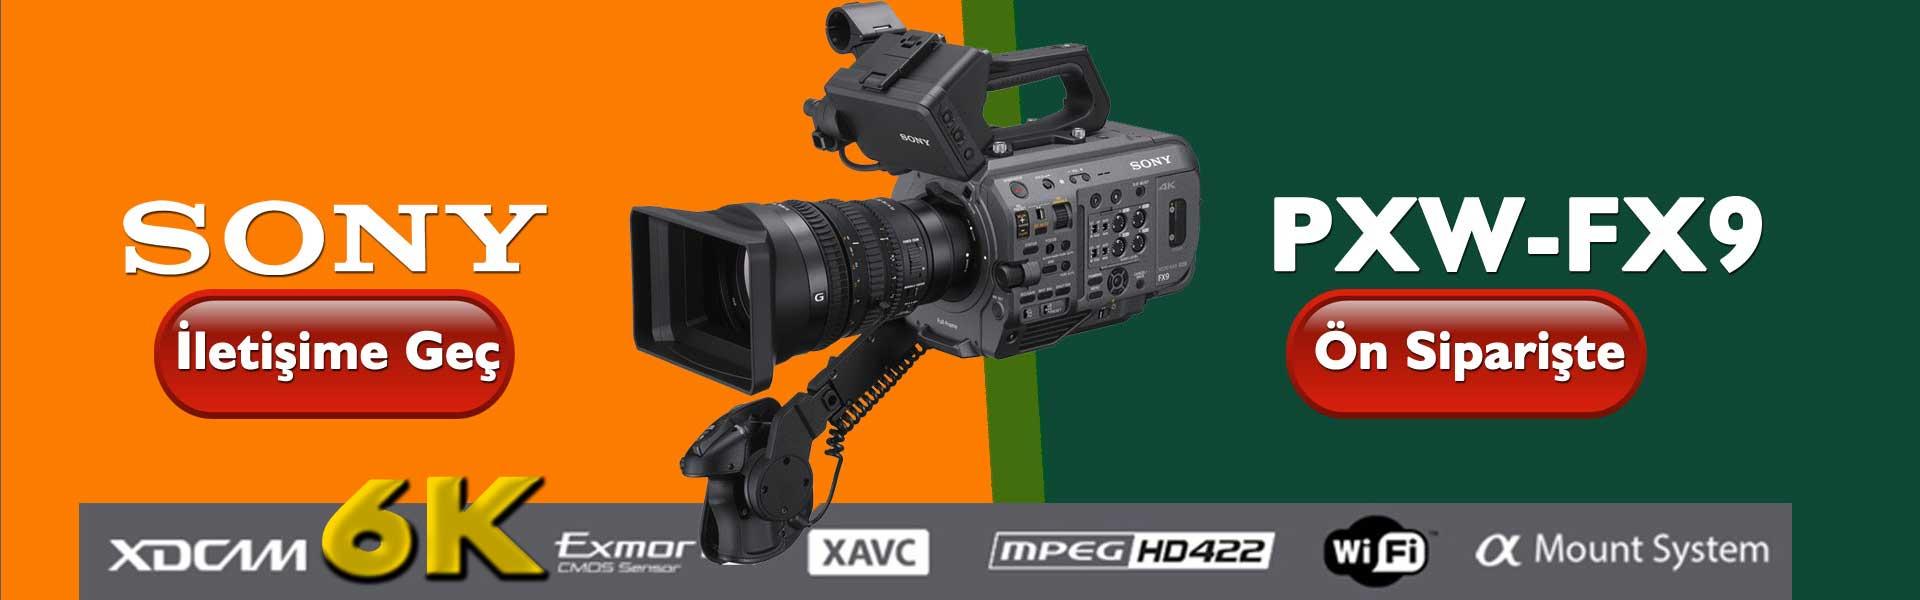 Sony-PXW-Fx9-2